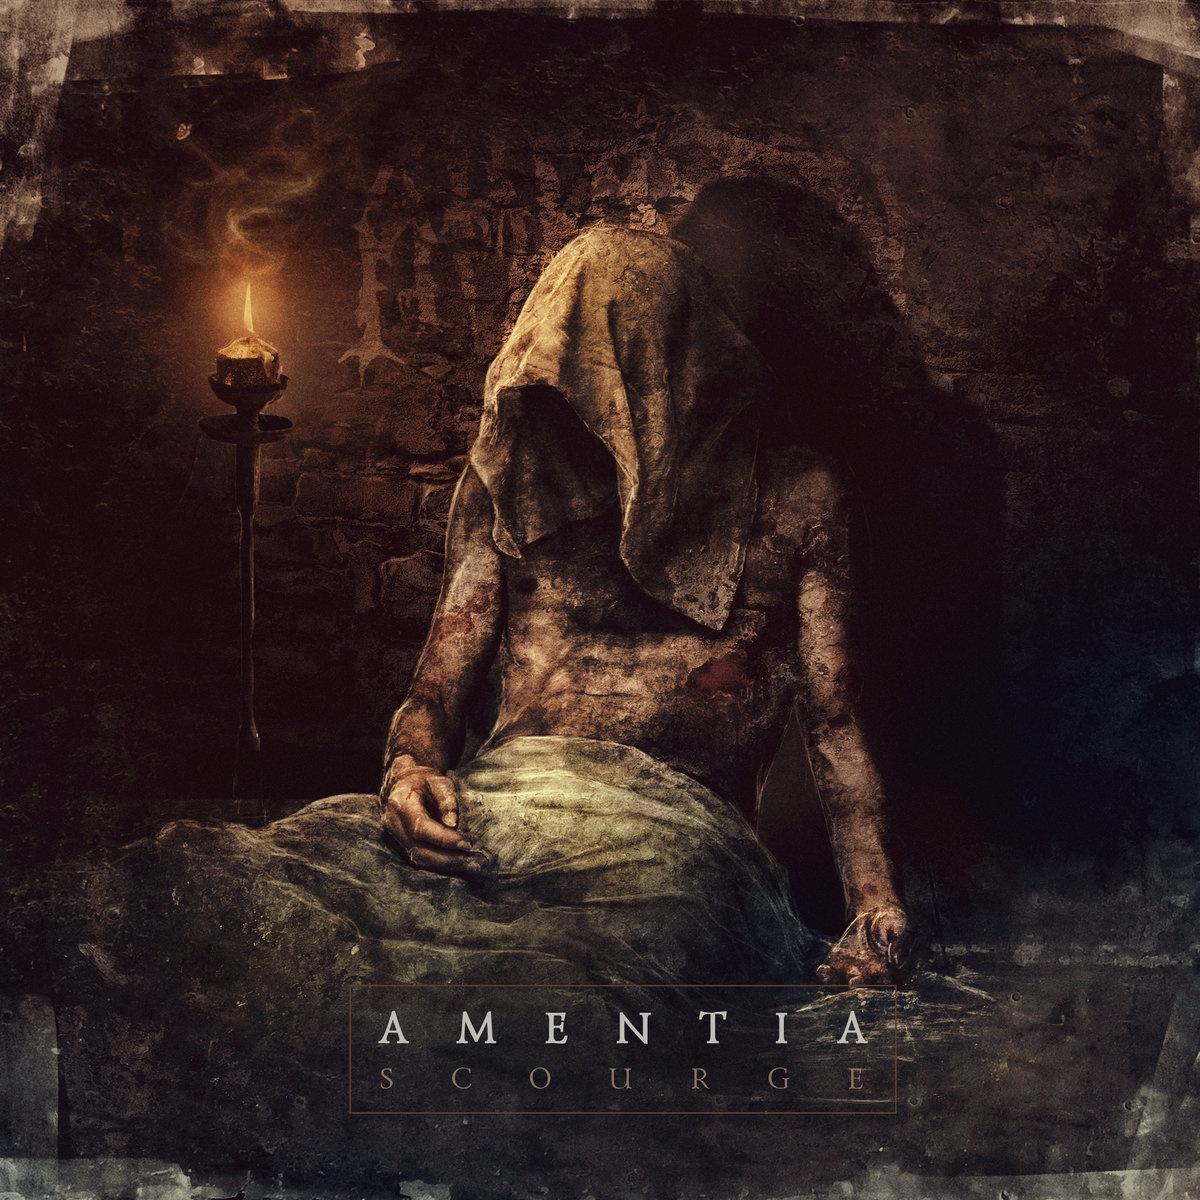 Amentia - Scourge (2017)